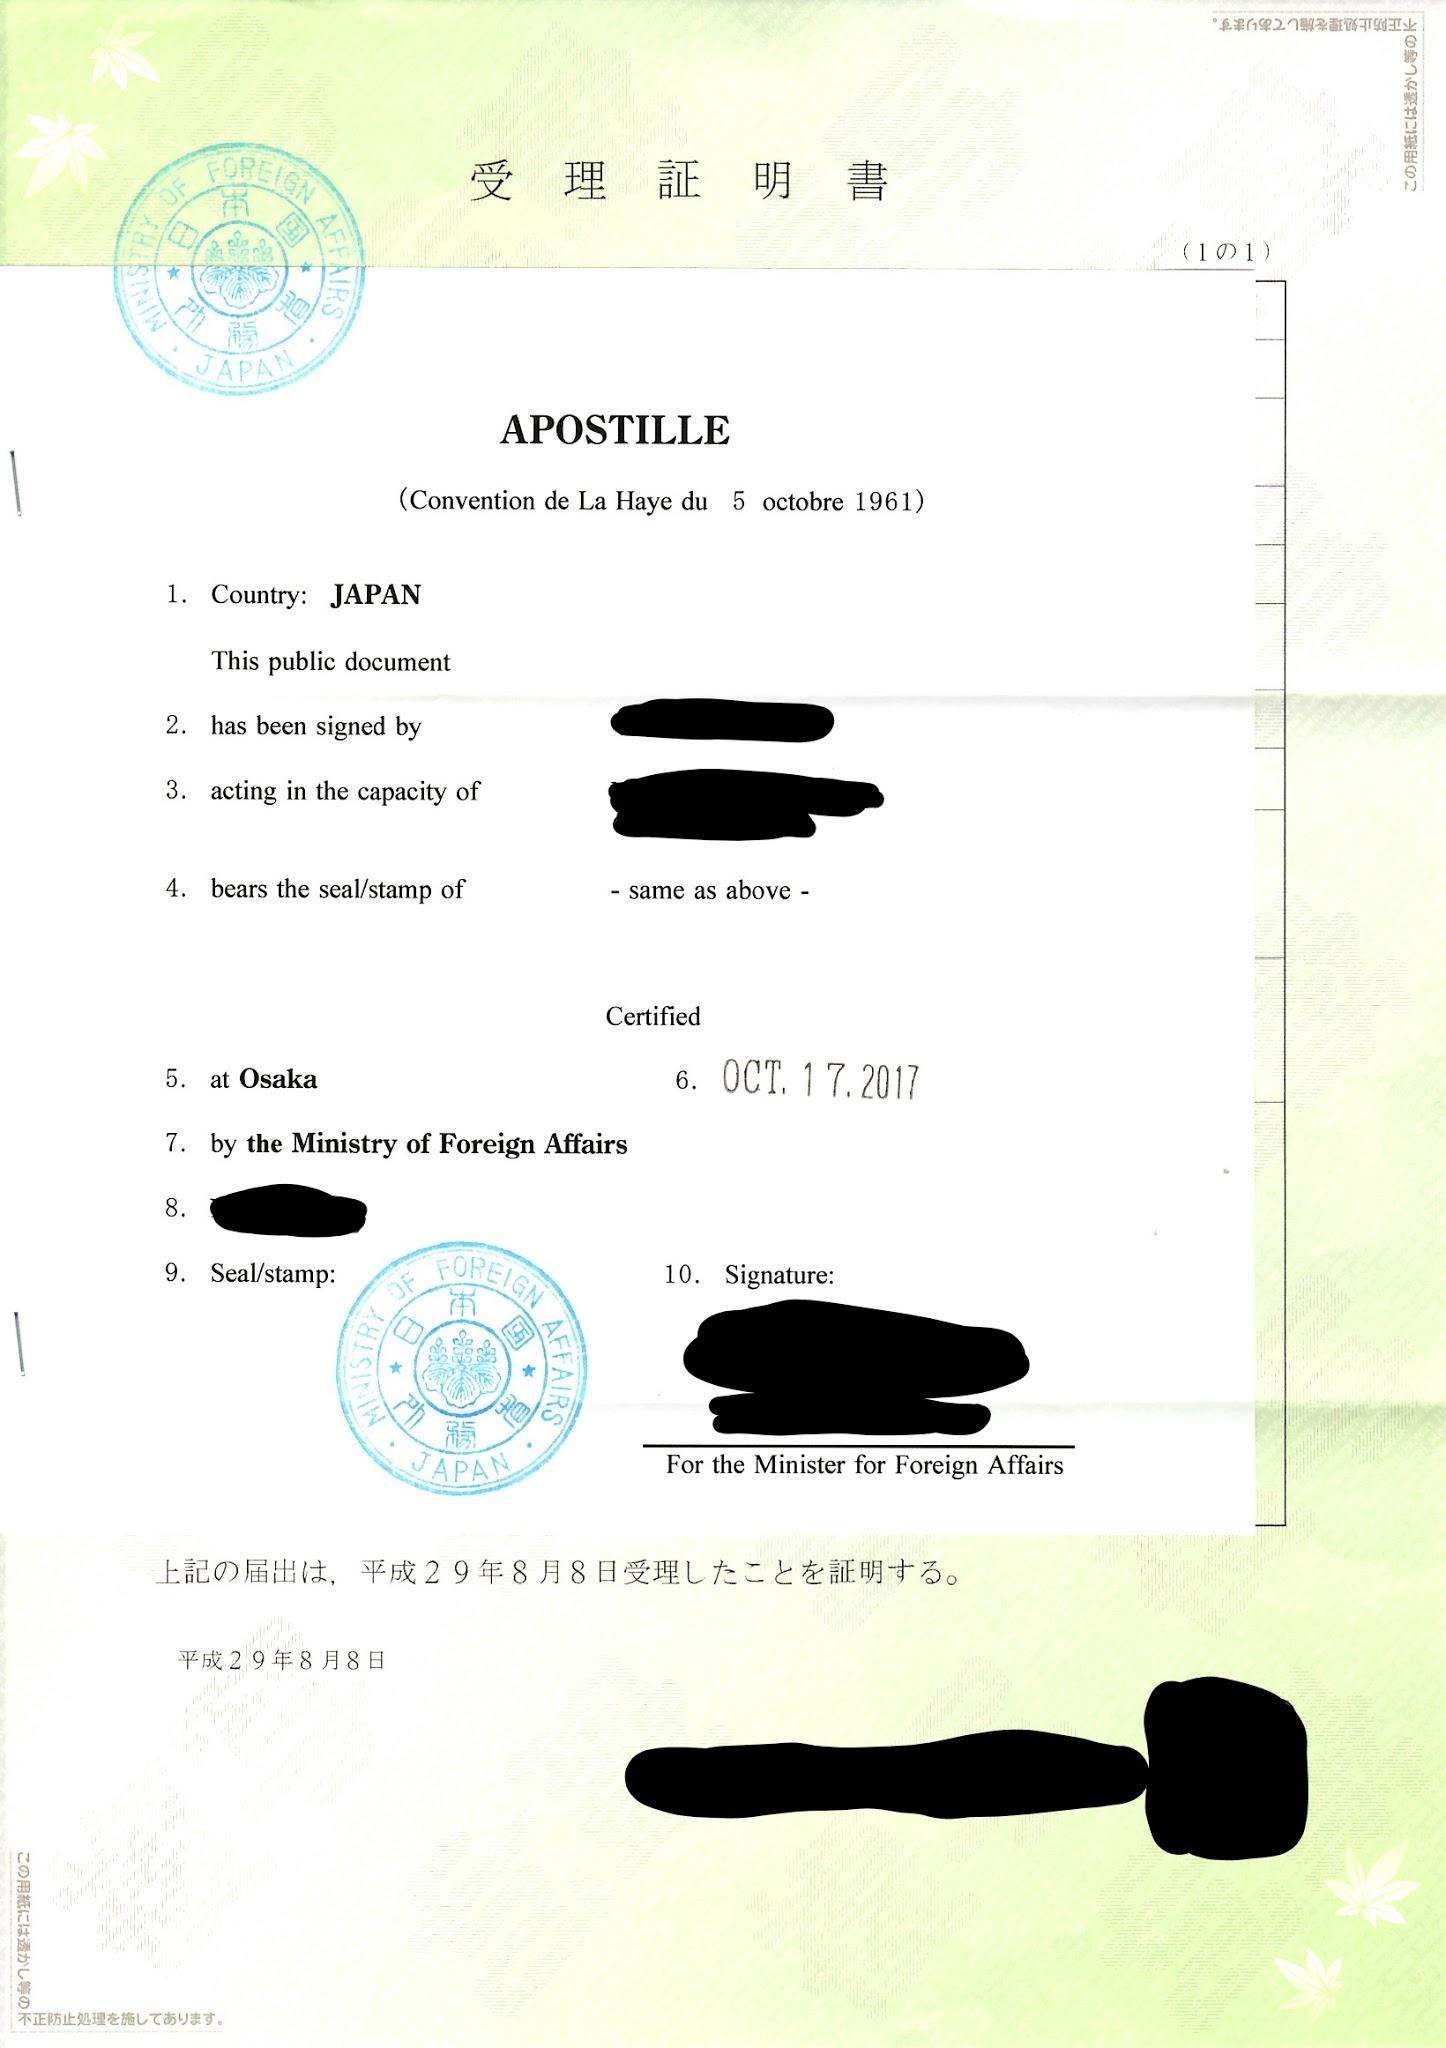 婚姻届受理証明書(日本外務省のアポスティーユ証明付き)